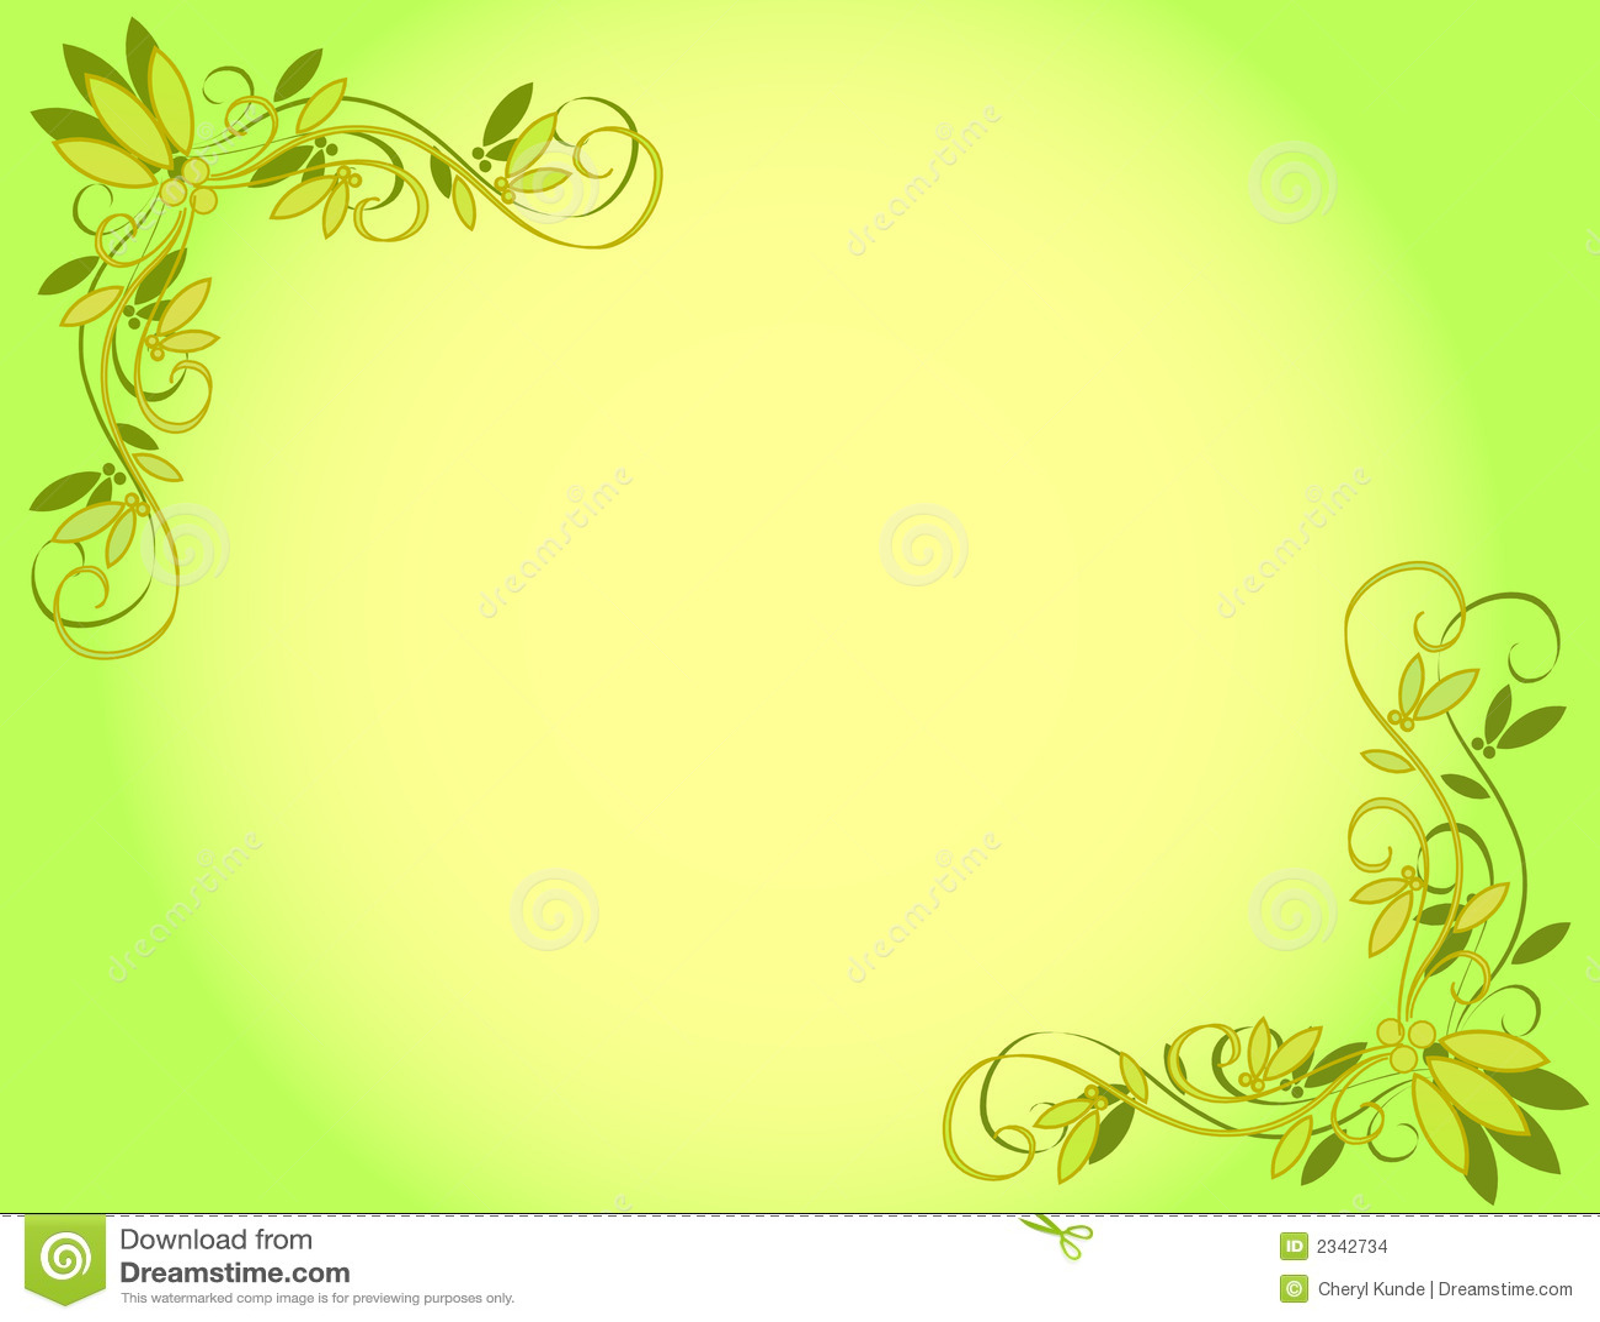 Cool Frame Designs Fundo Verde Da Flor Imagens De Stock Imagem 2342734